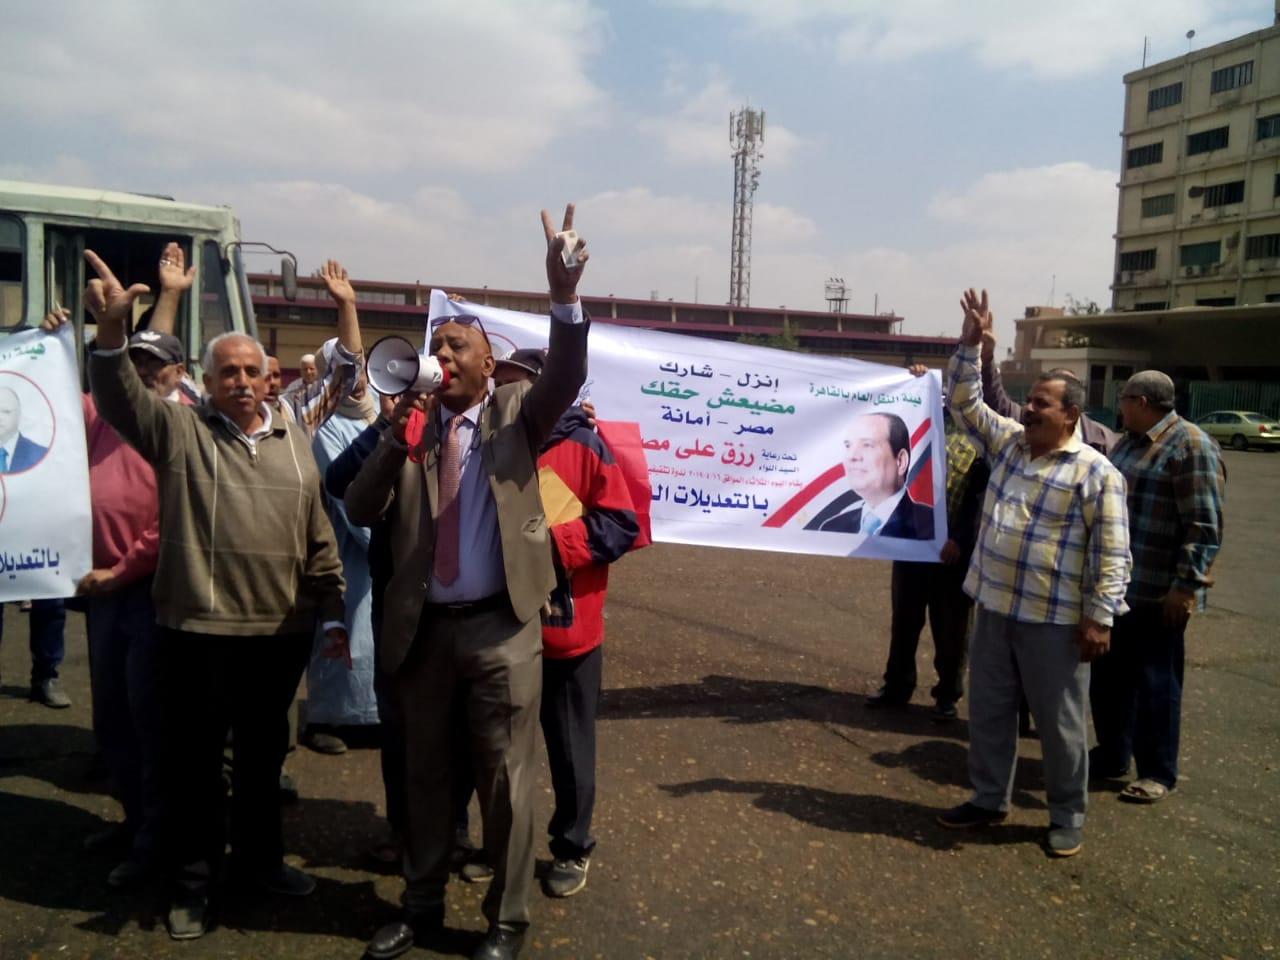 عمال هيئة النقل العام بالقاهرة يشاركون فى استفتاء الدستور (1)